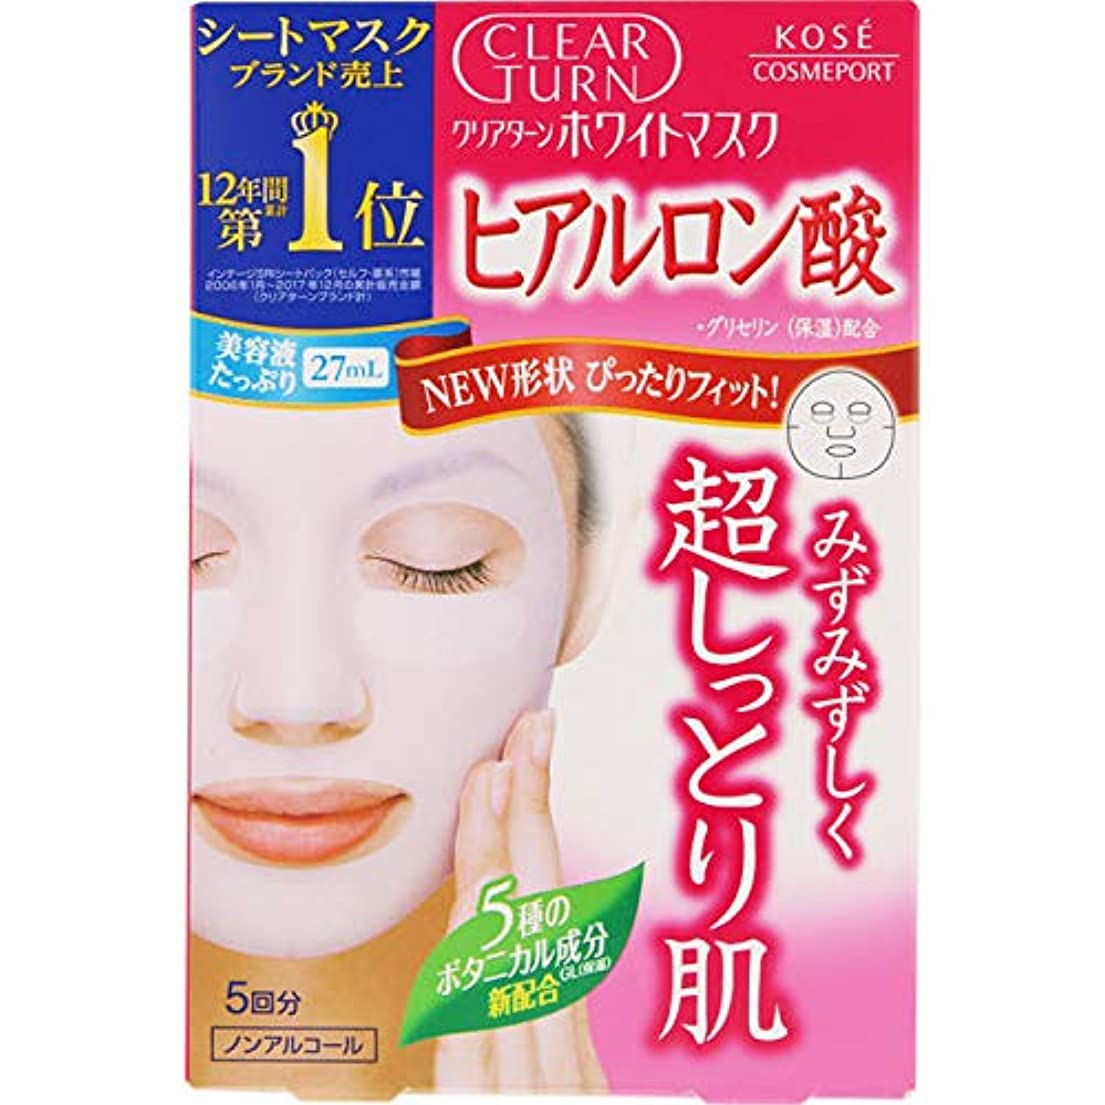 気性アクセスできないショートカットコーセー クリアターン ホワイト マスク(ヒアルロン酸) 5回分